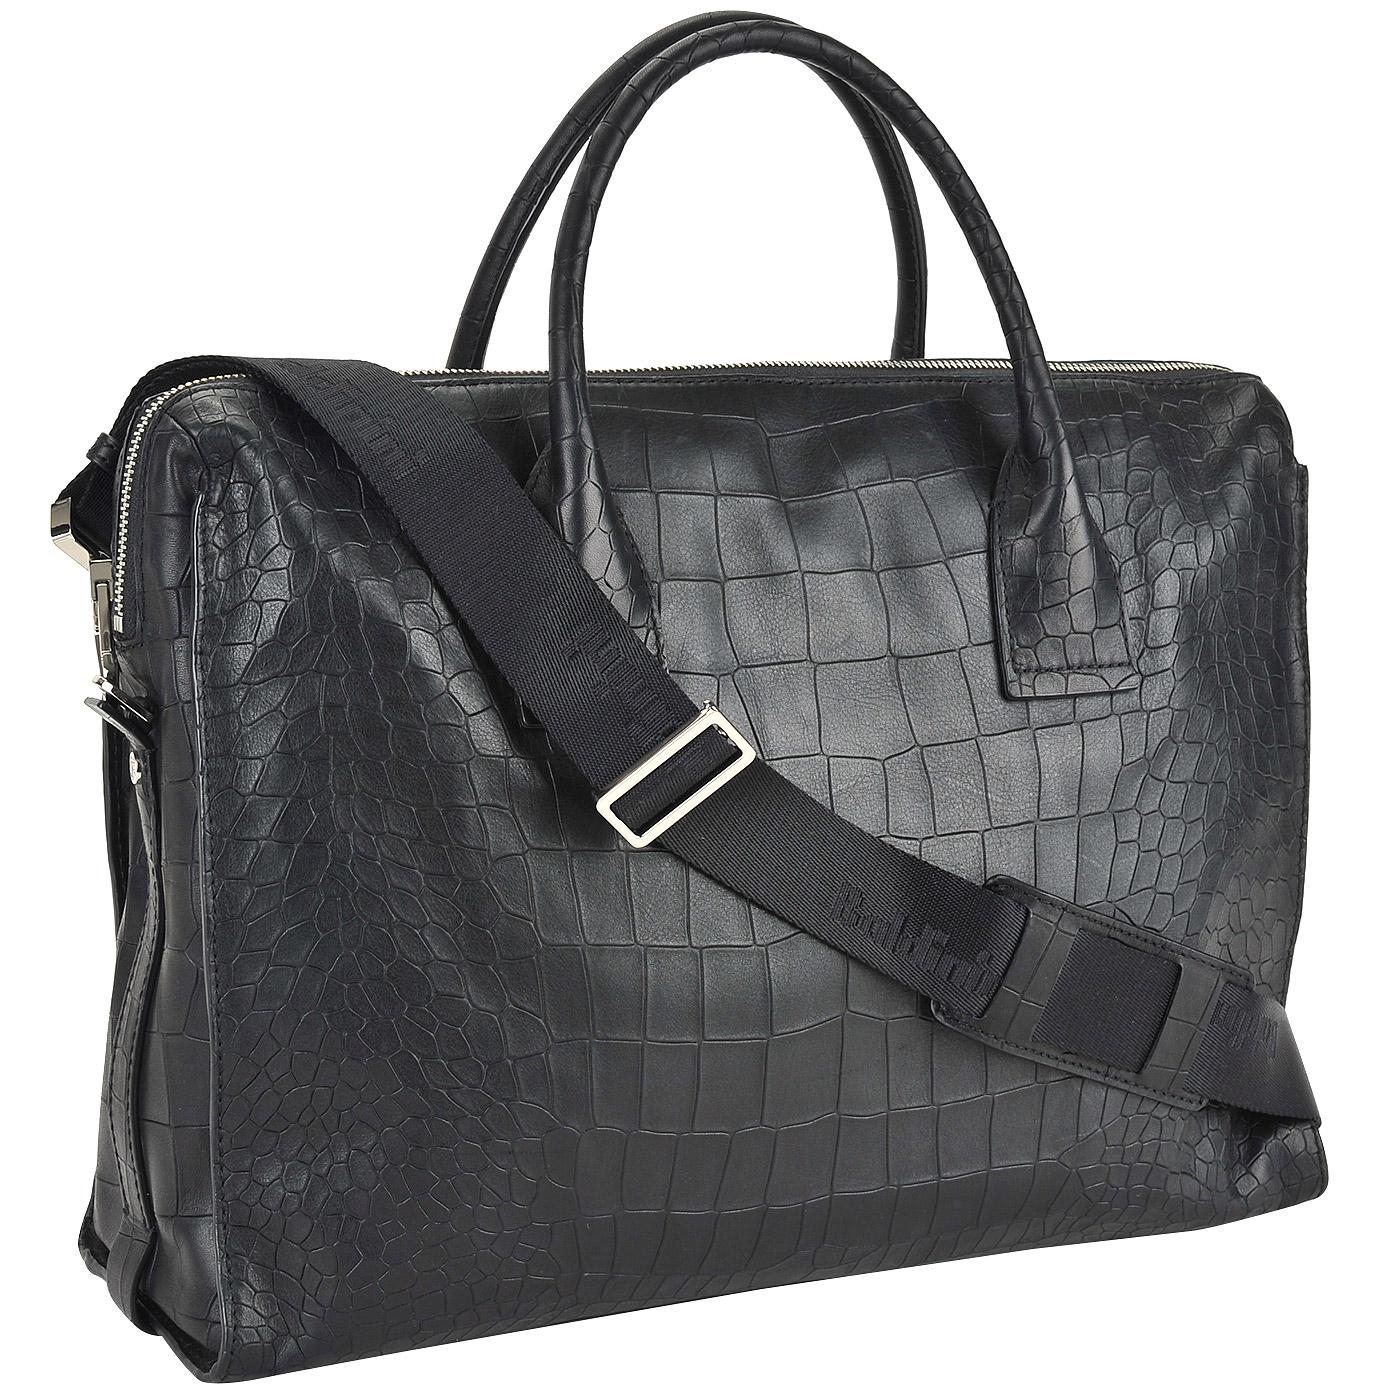 157b2cadaeff Вместительная мужская деловая сумка с выделкой под кожу крокодила Baldinini  Ivan ...